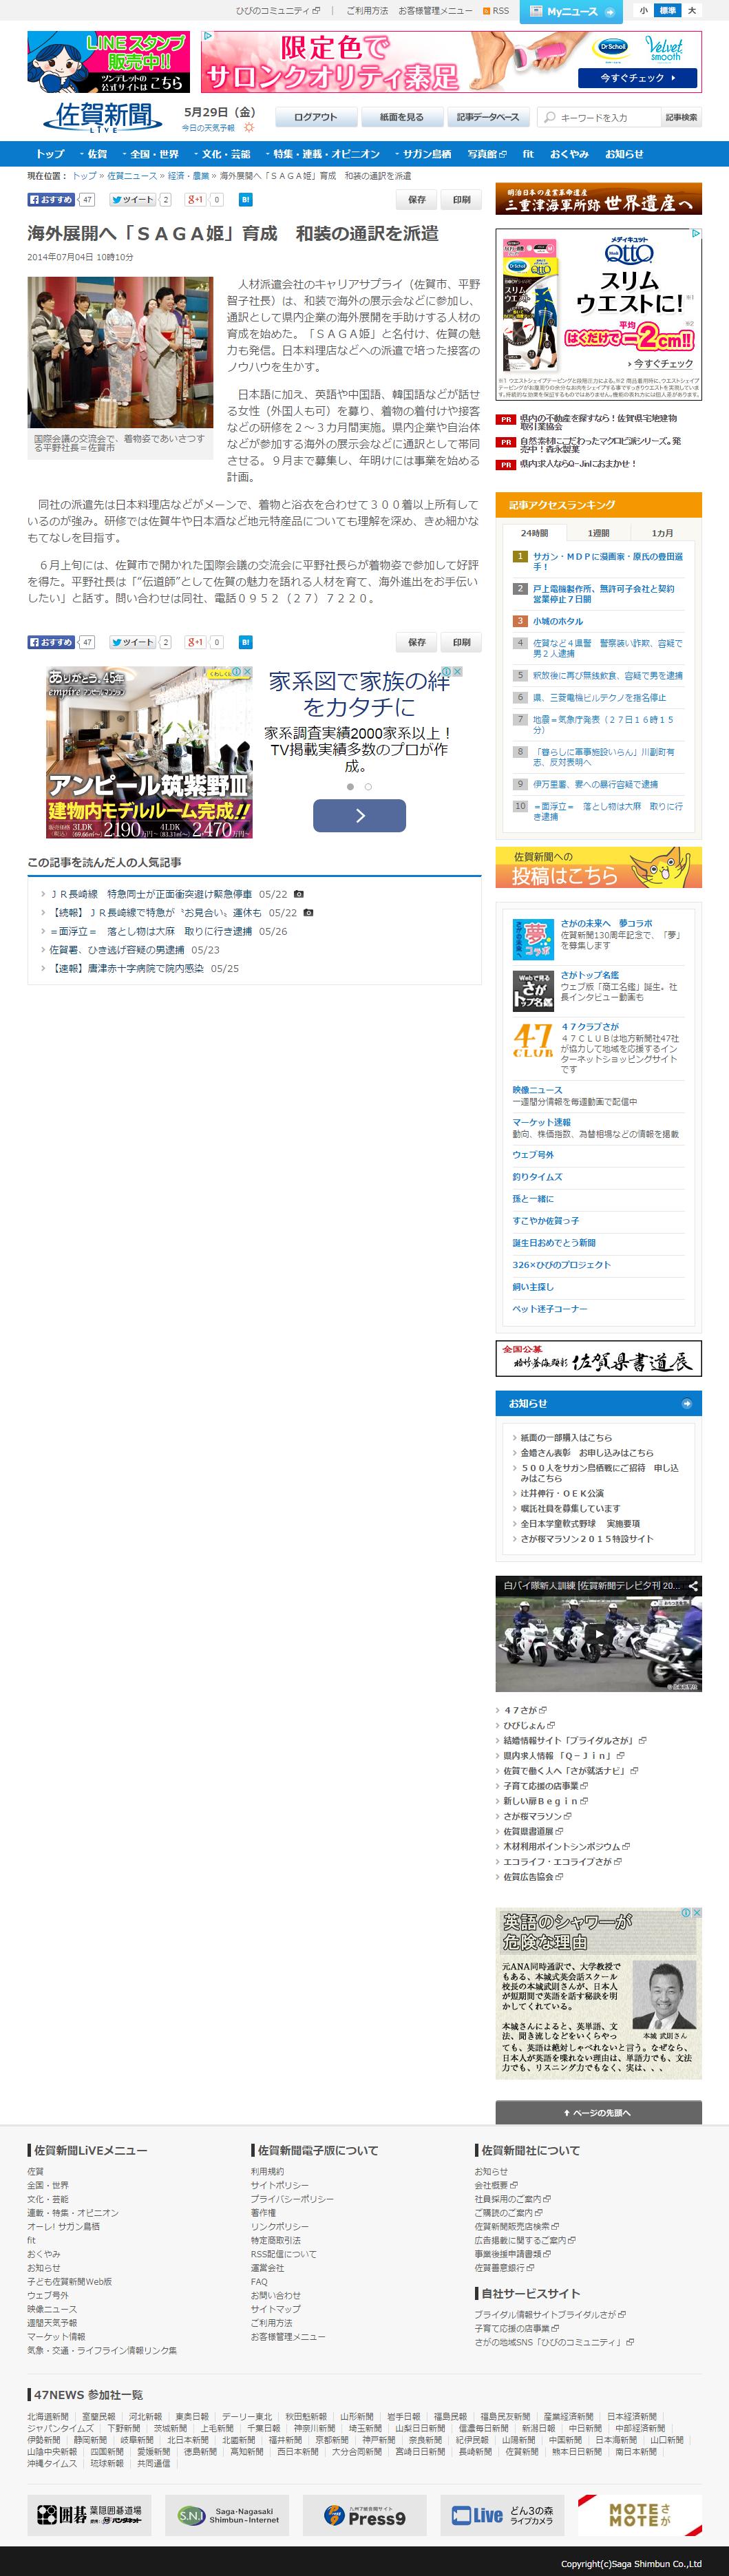 sagasinbunn2014.7.04